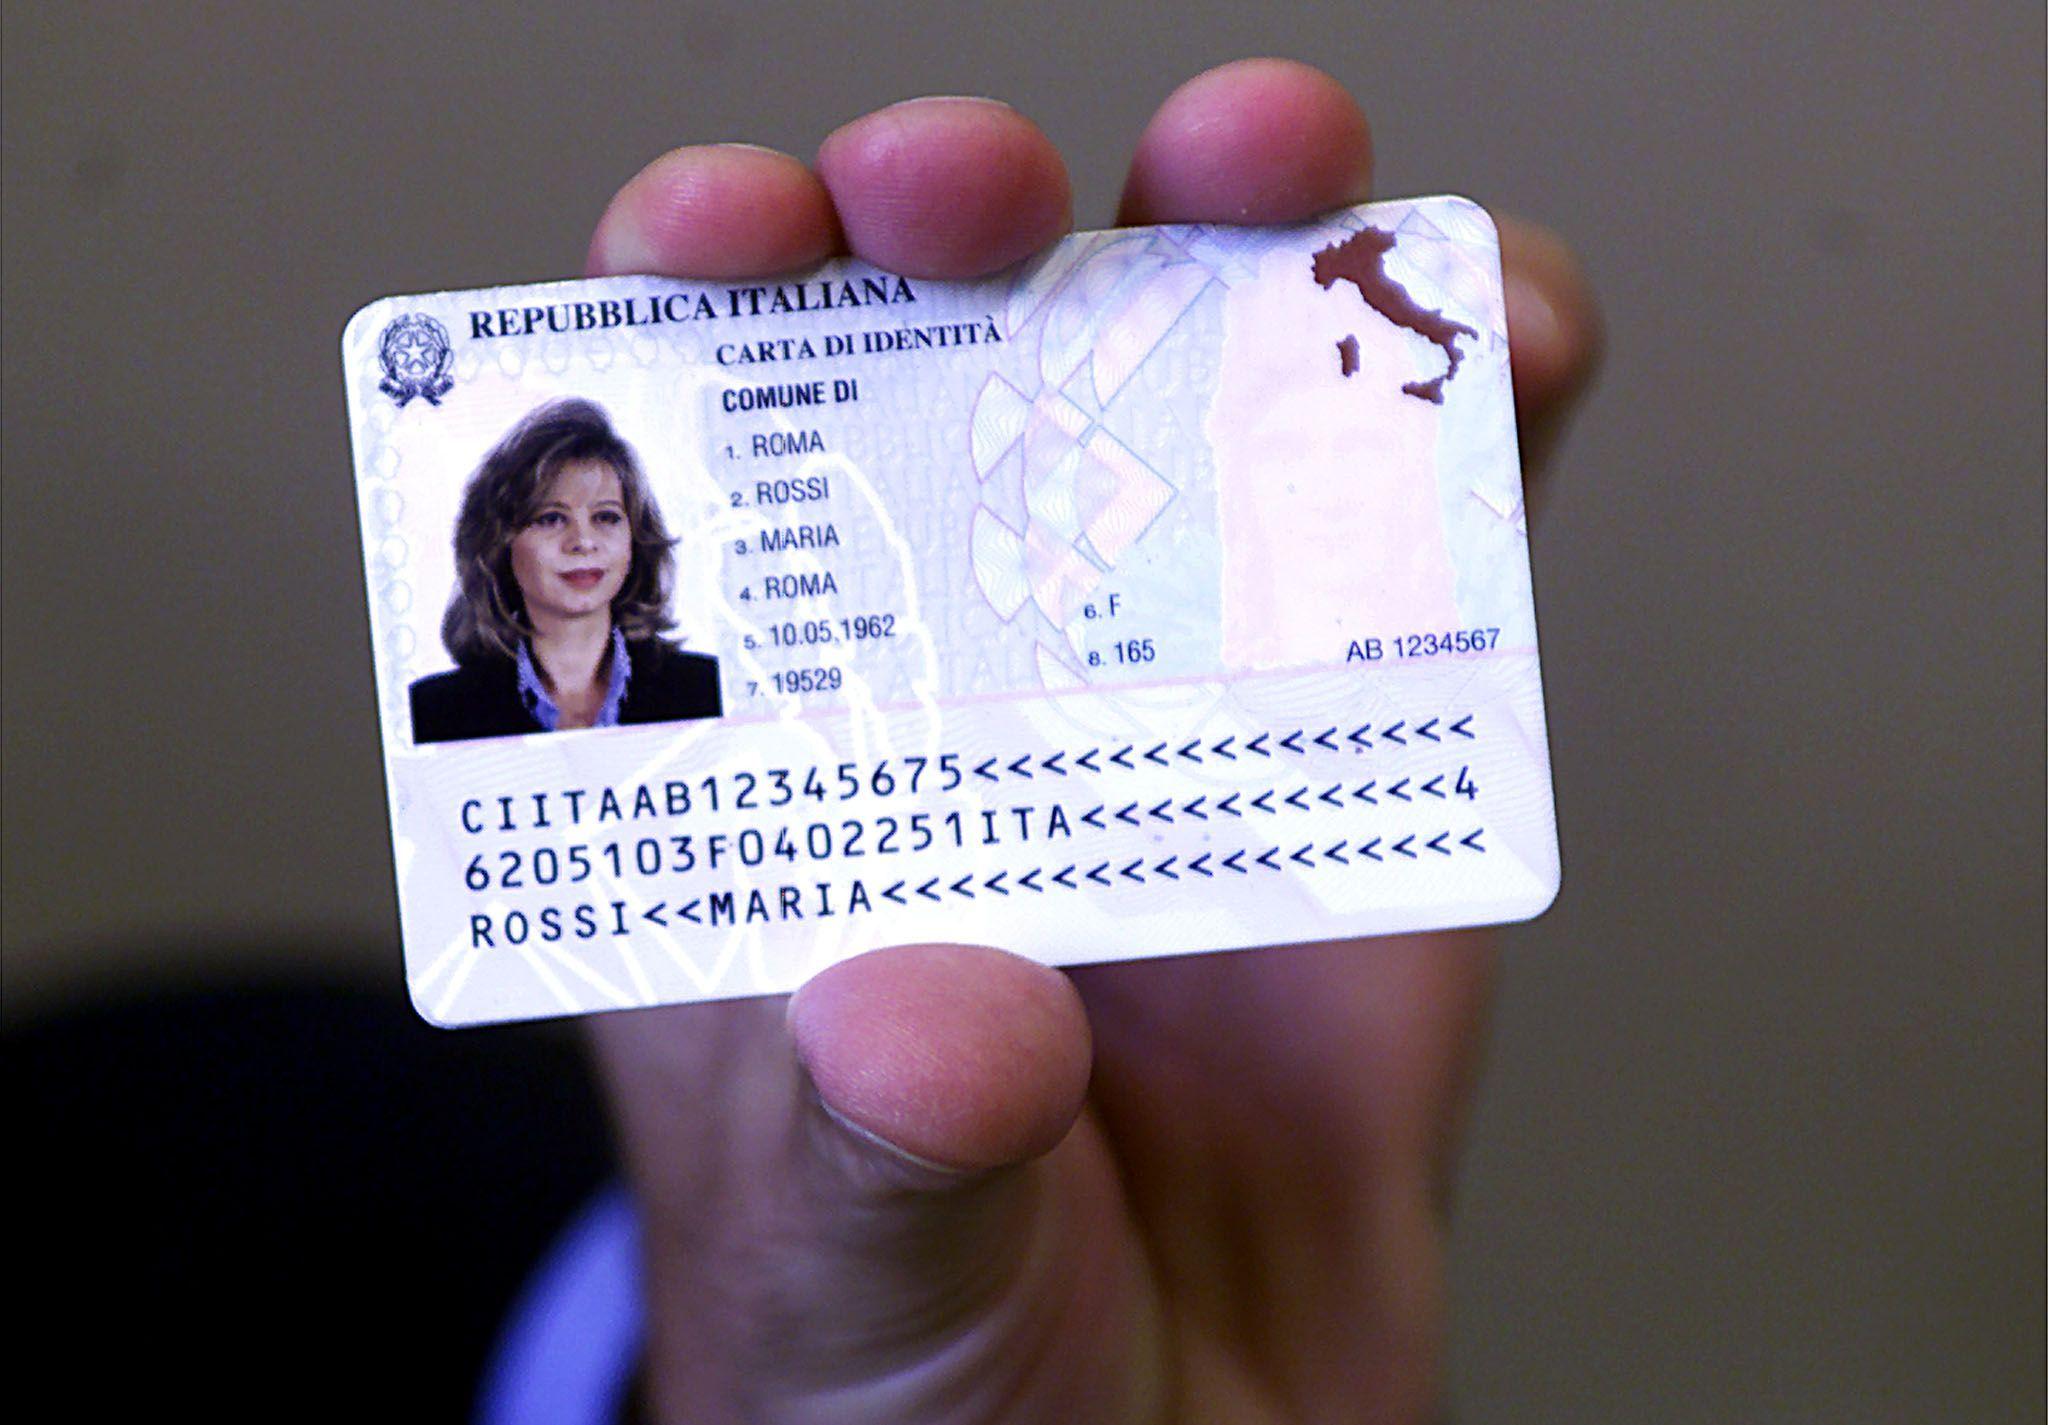 Carta d'identità elettronica: nuova procedura di prenotazione dal 1° luglio